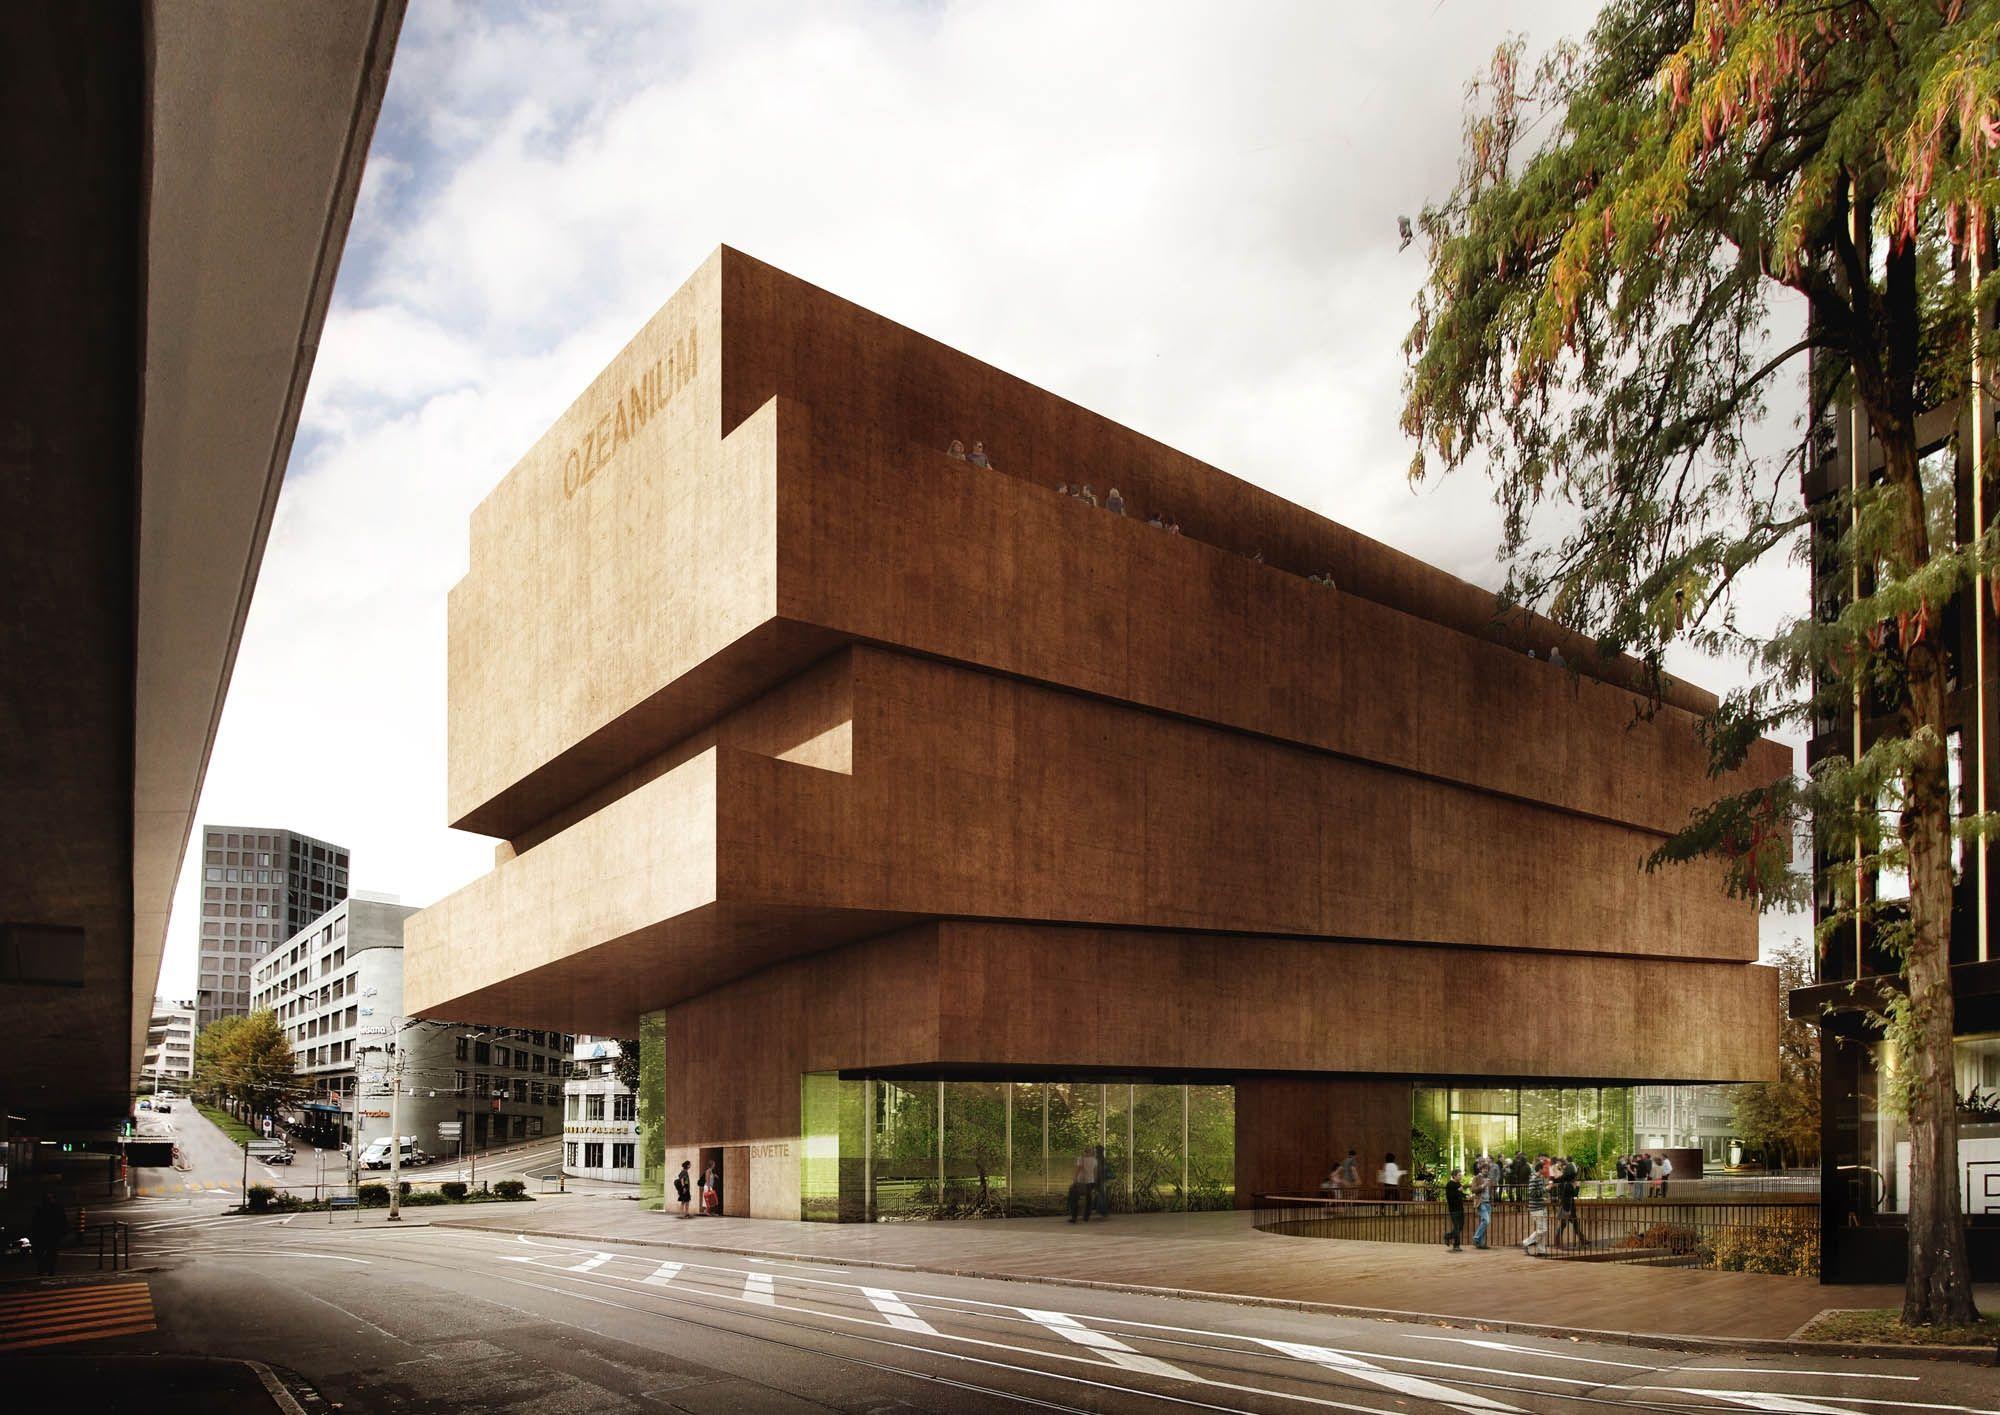 Morger dettli architekten for Raumgestaltung architektur